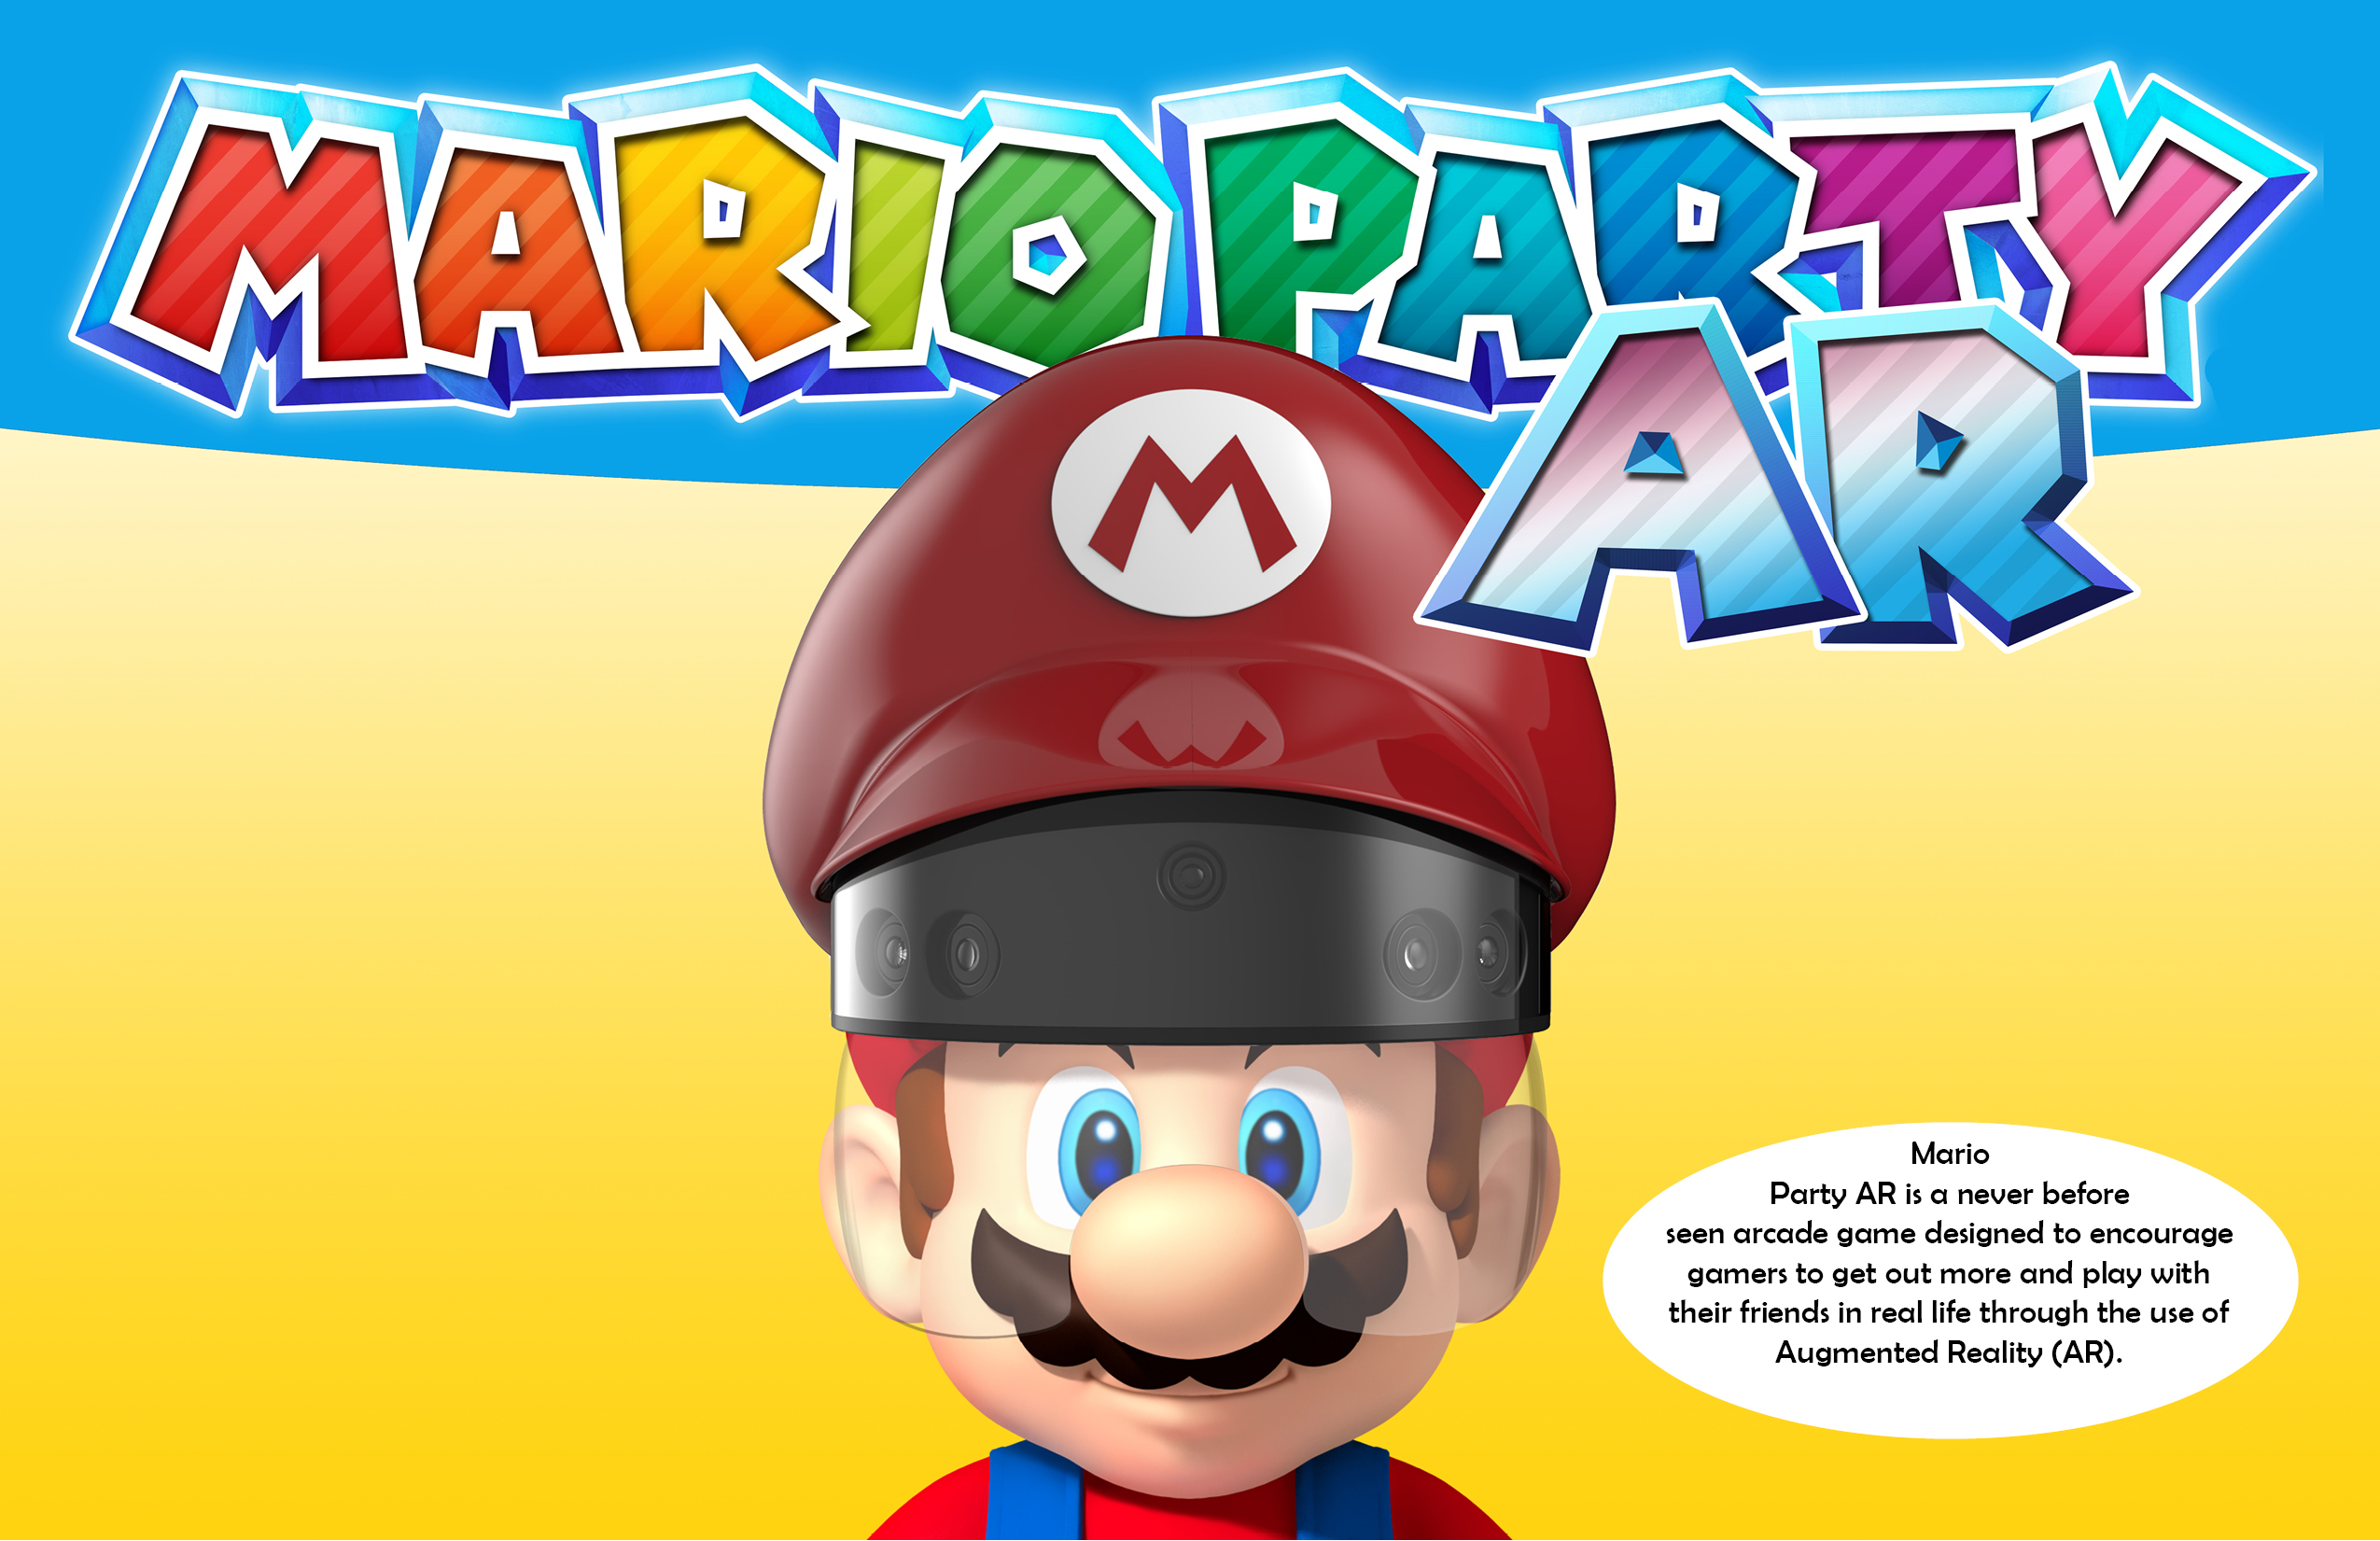 Mario Party AR